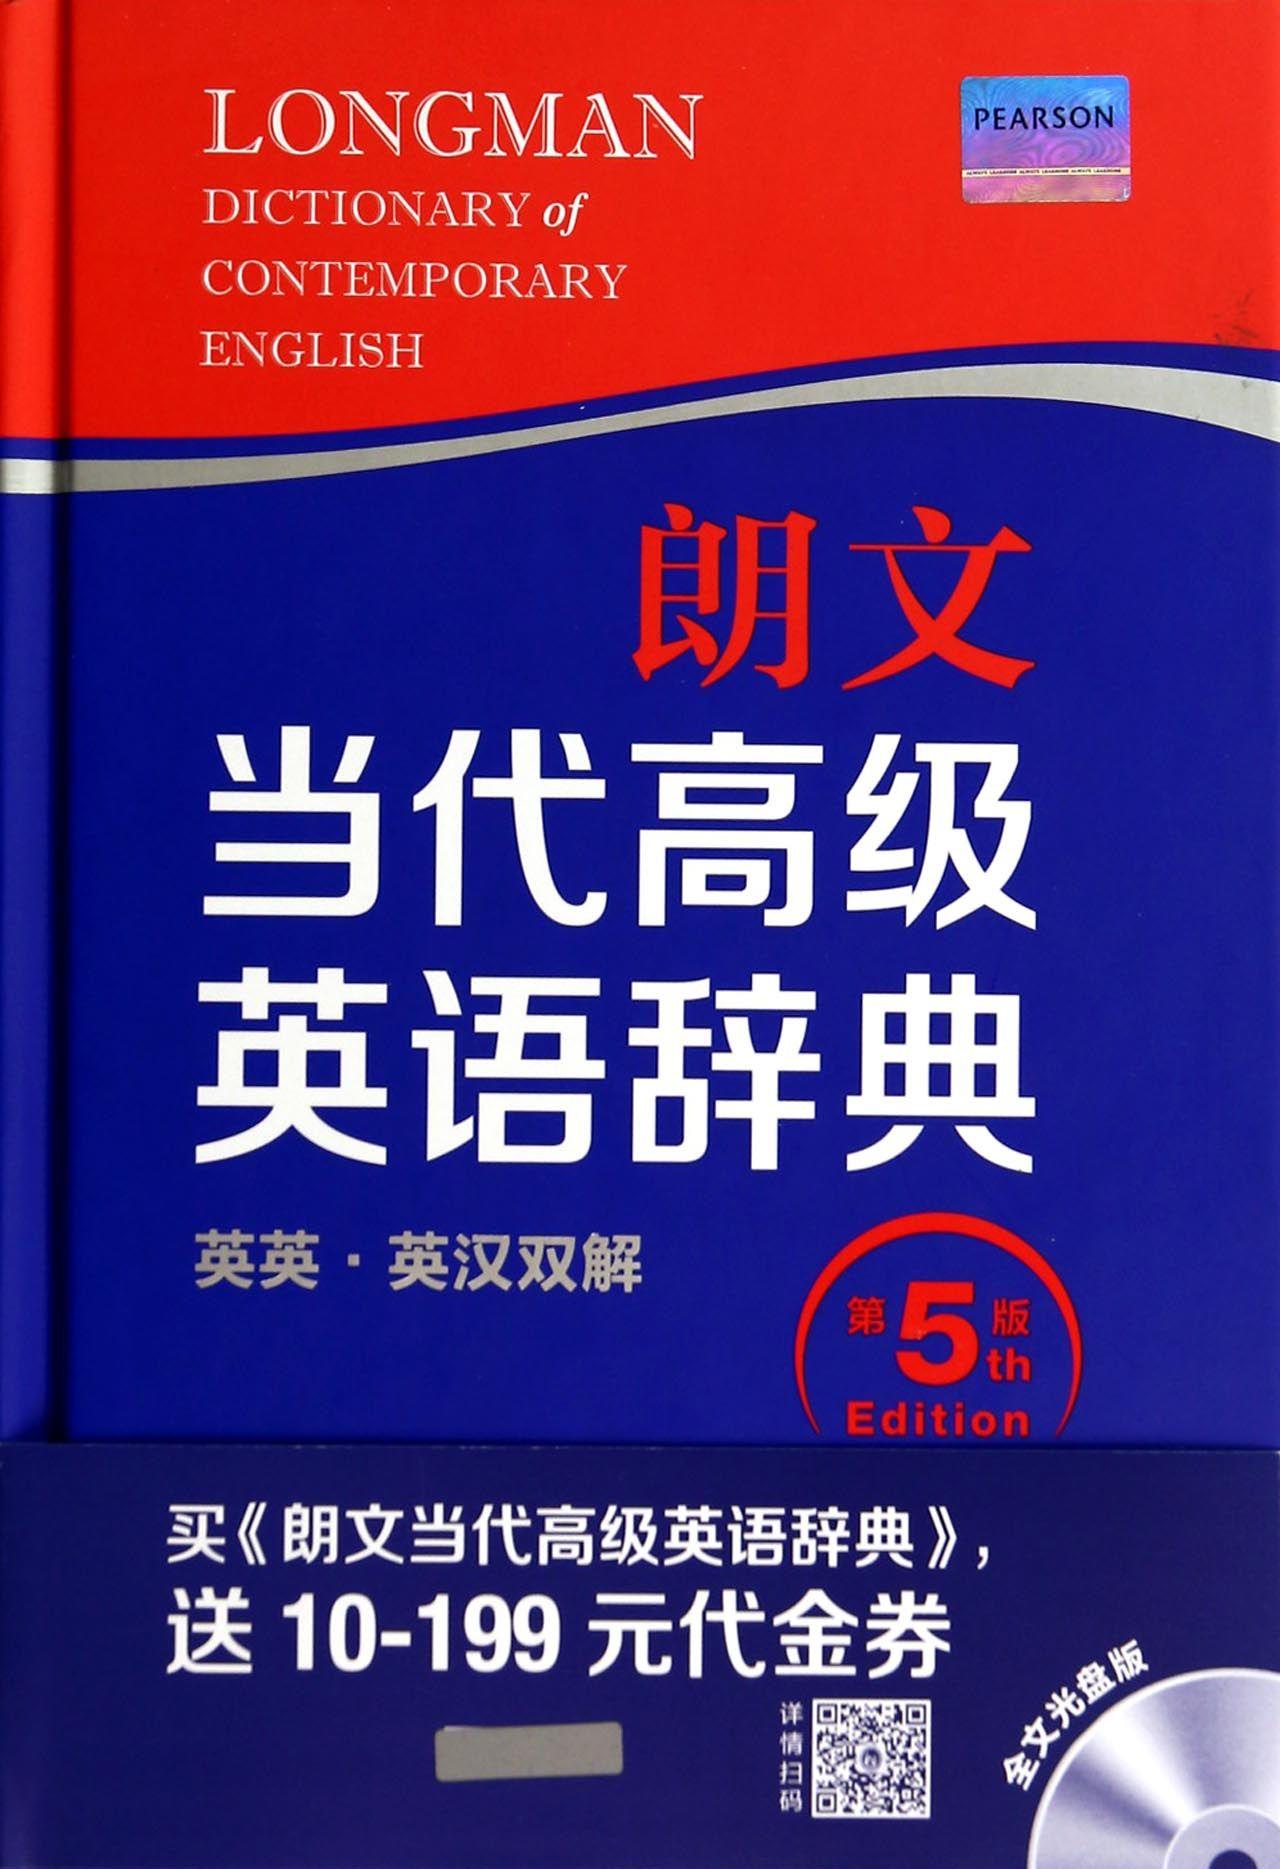 朗文�yan_朗文当代高级英语辞典(附光盘第5版英英英汉双解)(精)